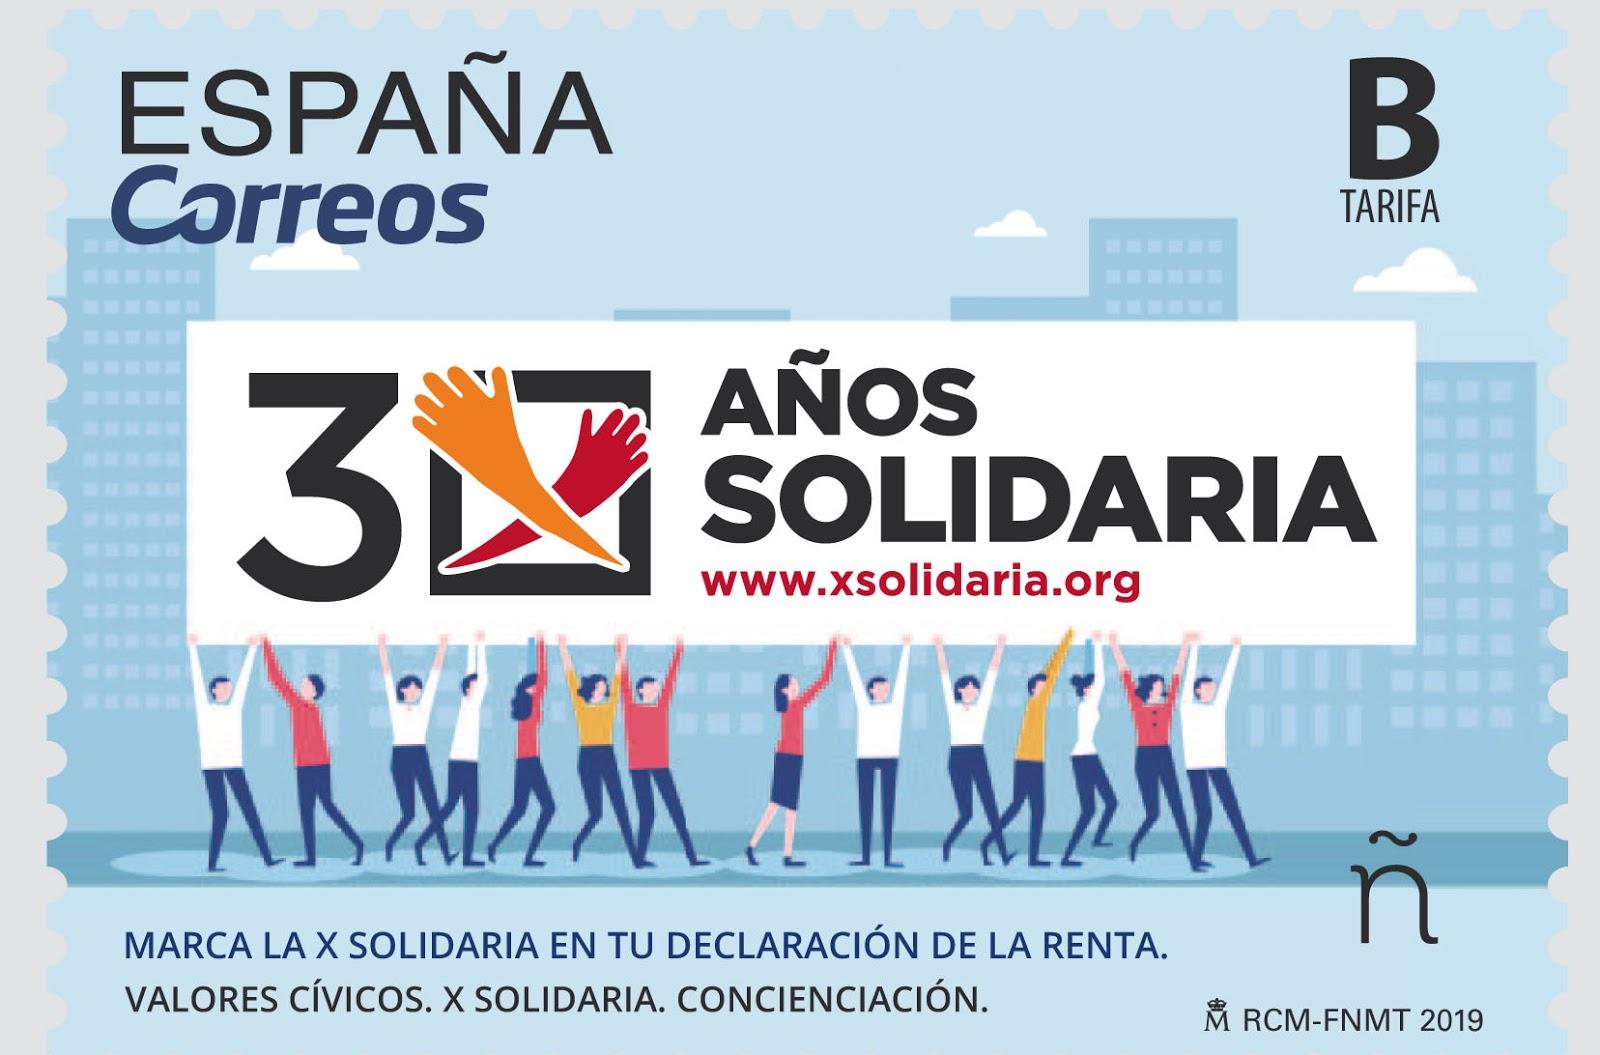 Valores Cívicos. X Solidaria. Concienciación.